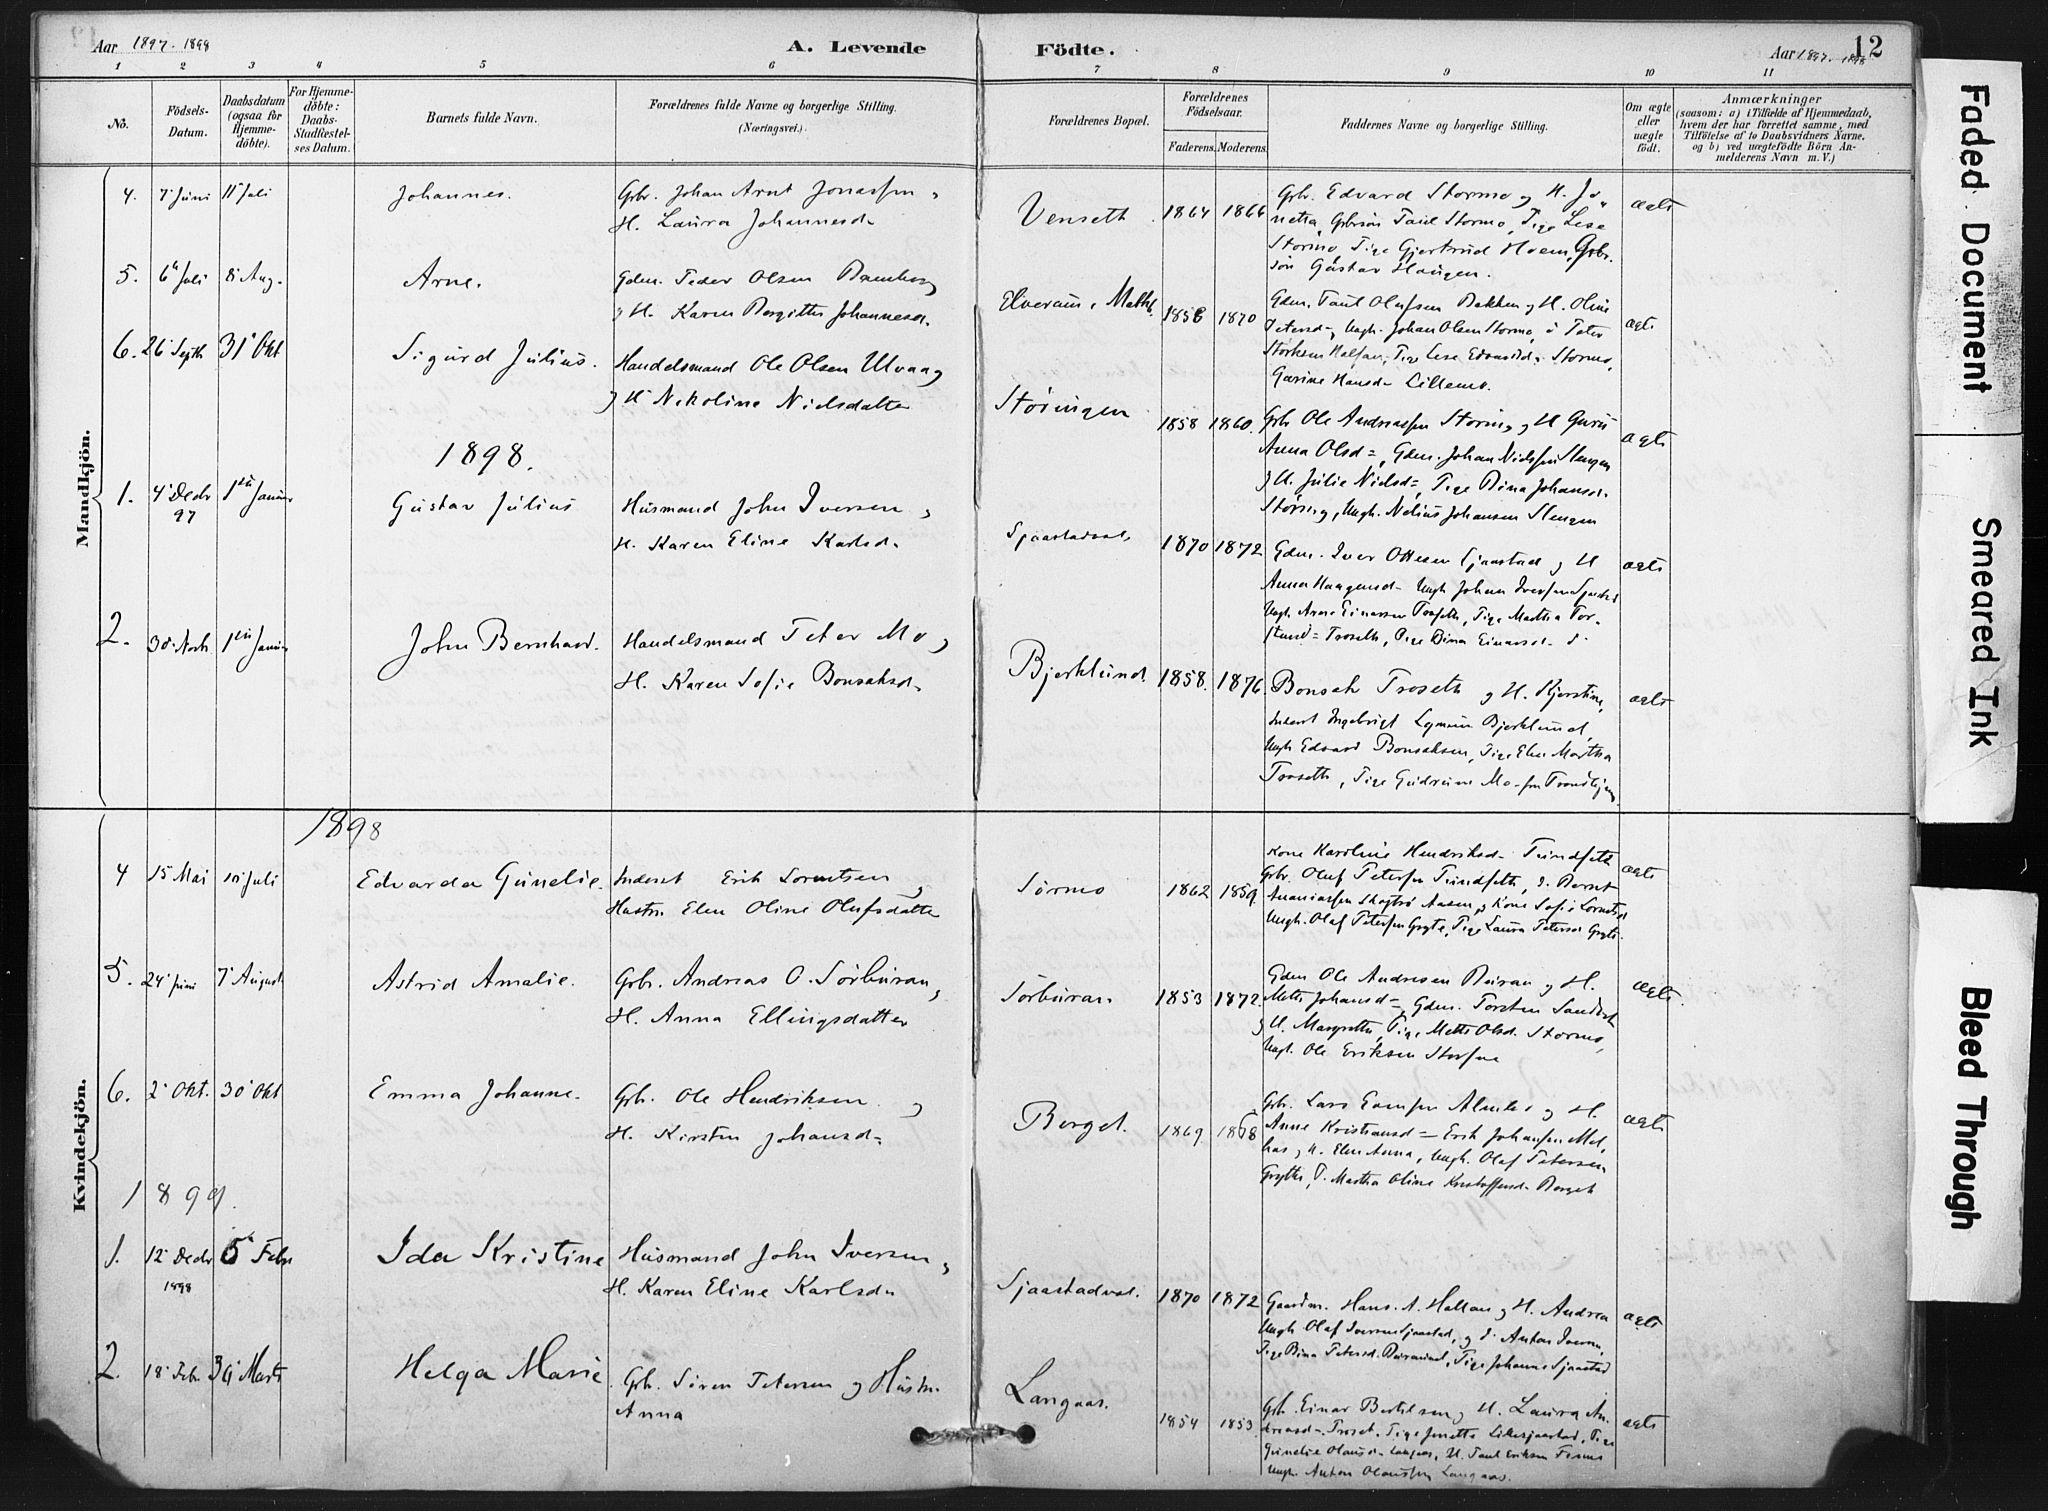 SAT, Ministerialprotokoller, klokkerbøker og fødselsregistre - Nord-Trøndelag, 718/L0175: Ministerialbok nr. 718A01, 1890-1923, s. 12